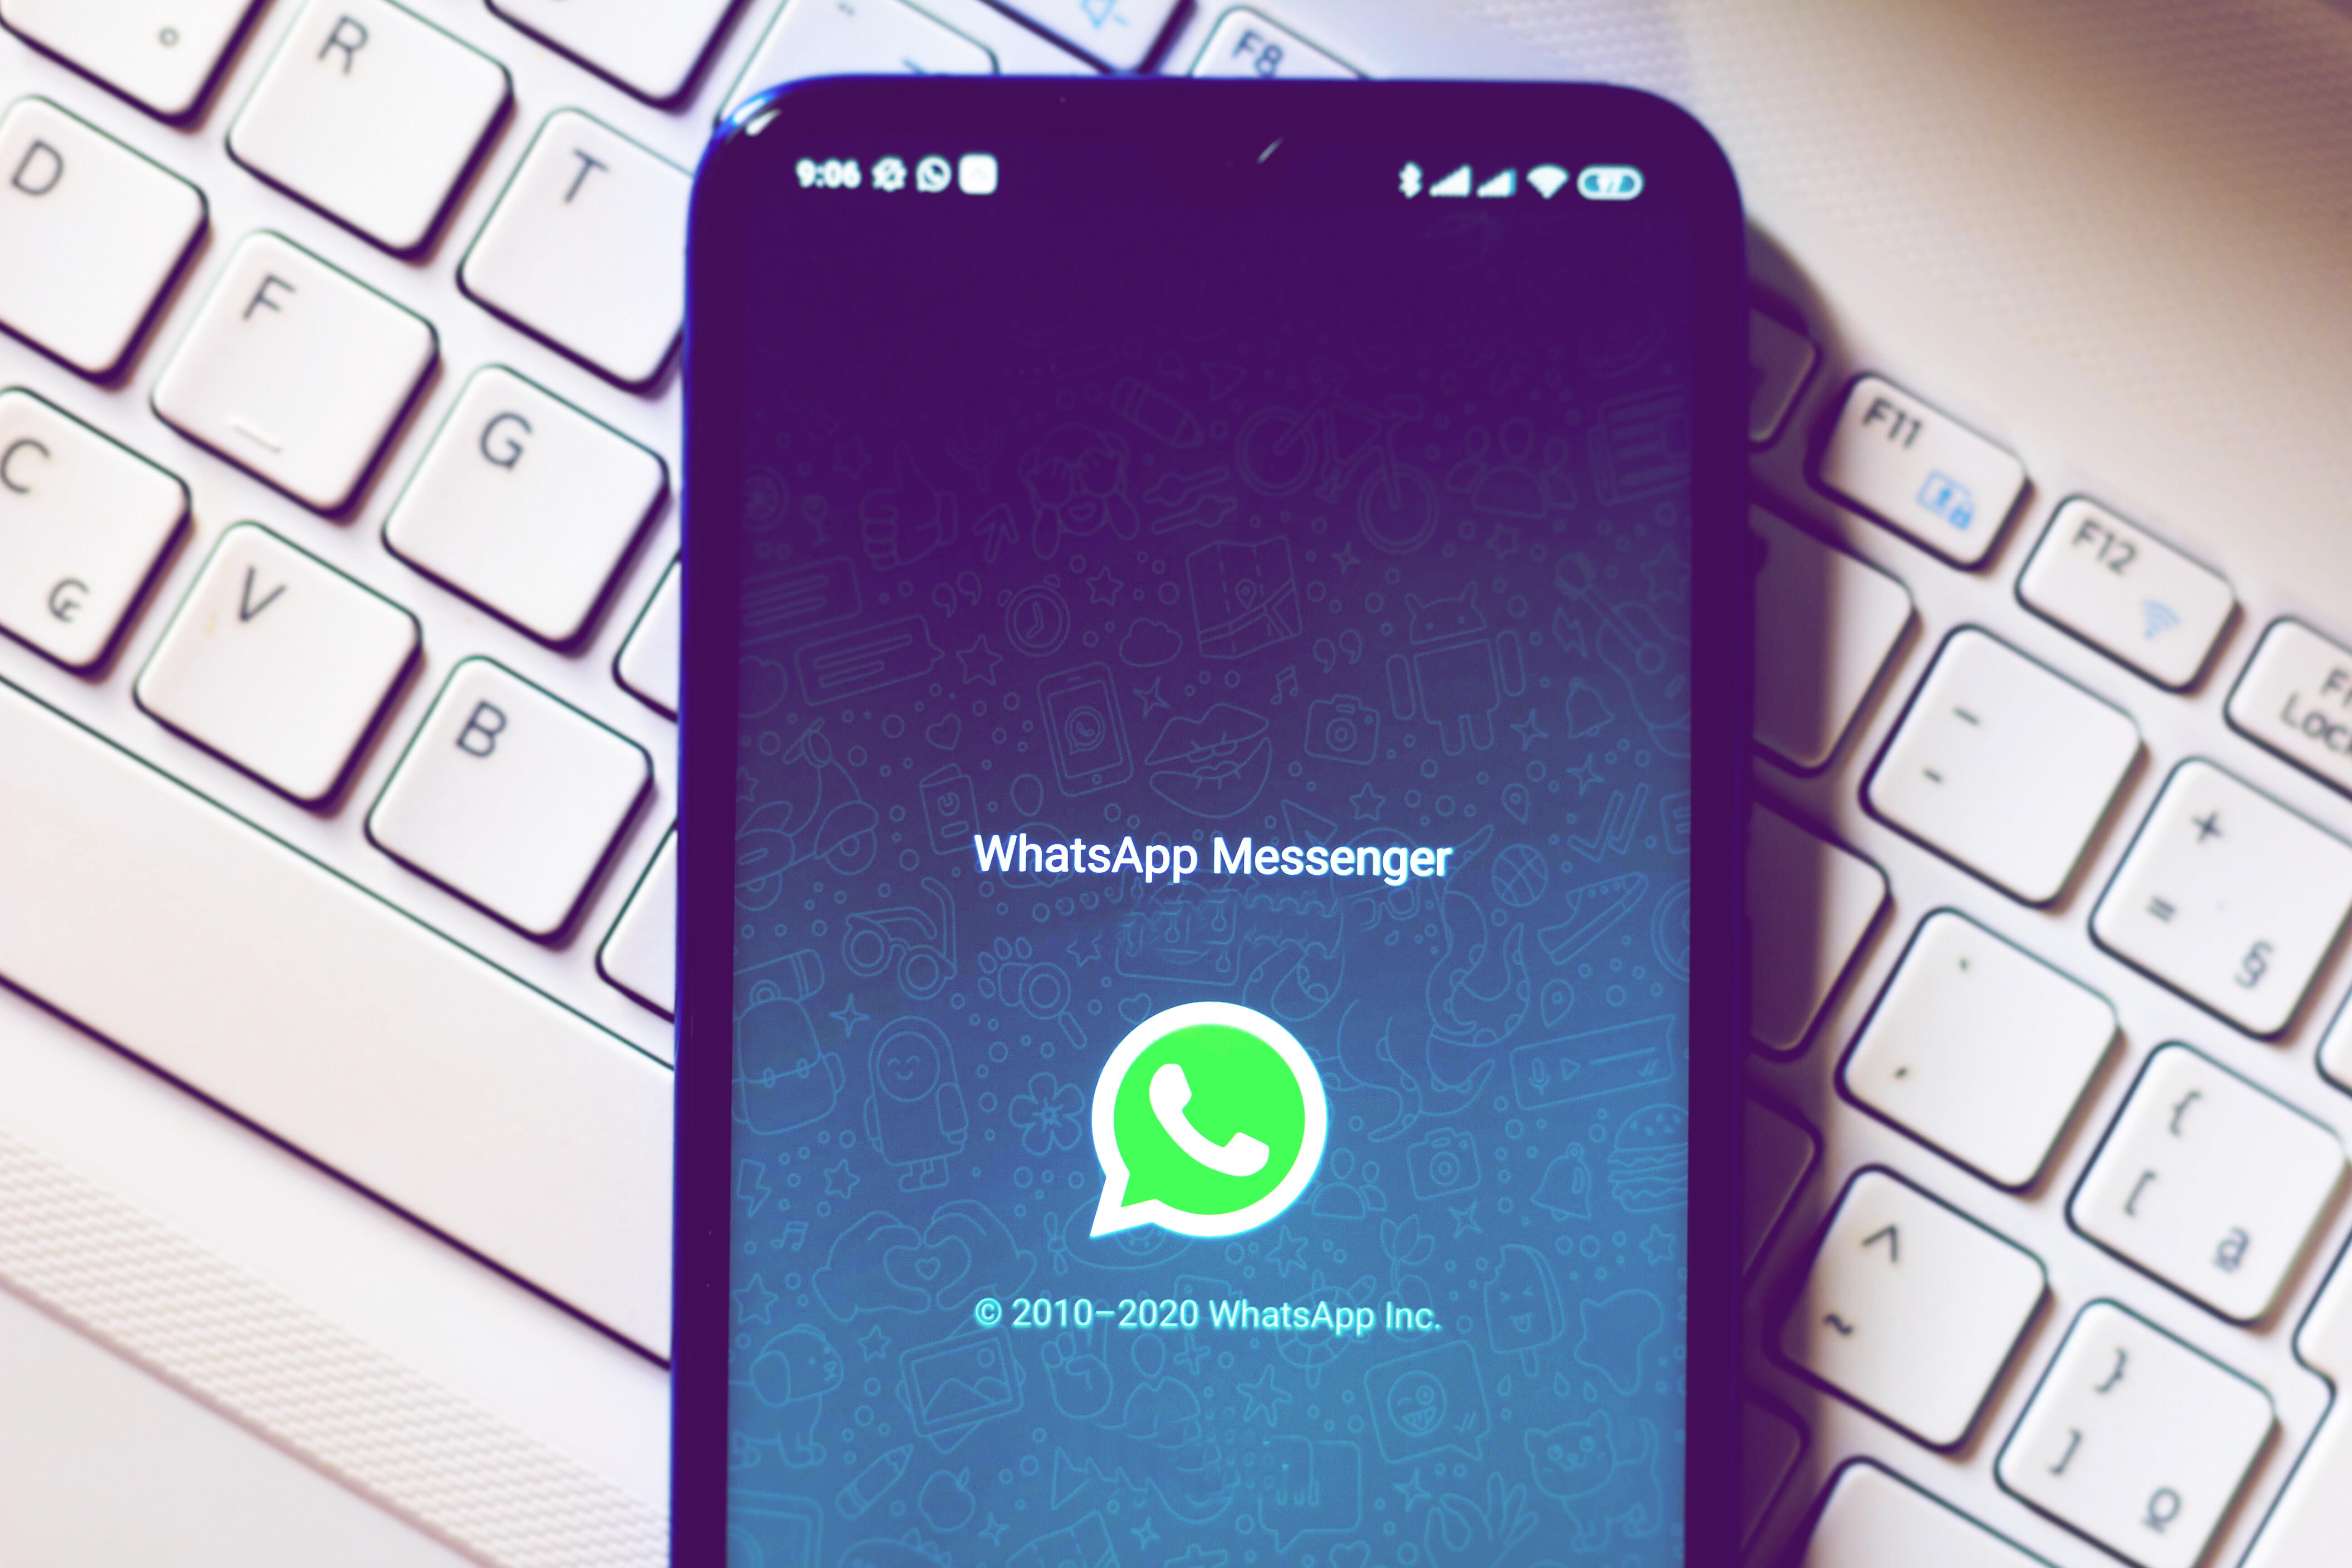 Wegen Corona-Fake-News: WhatsApp begrenzt Weiterleitungen | desired.de